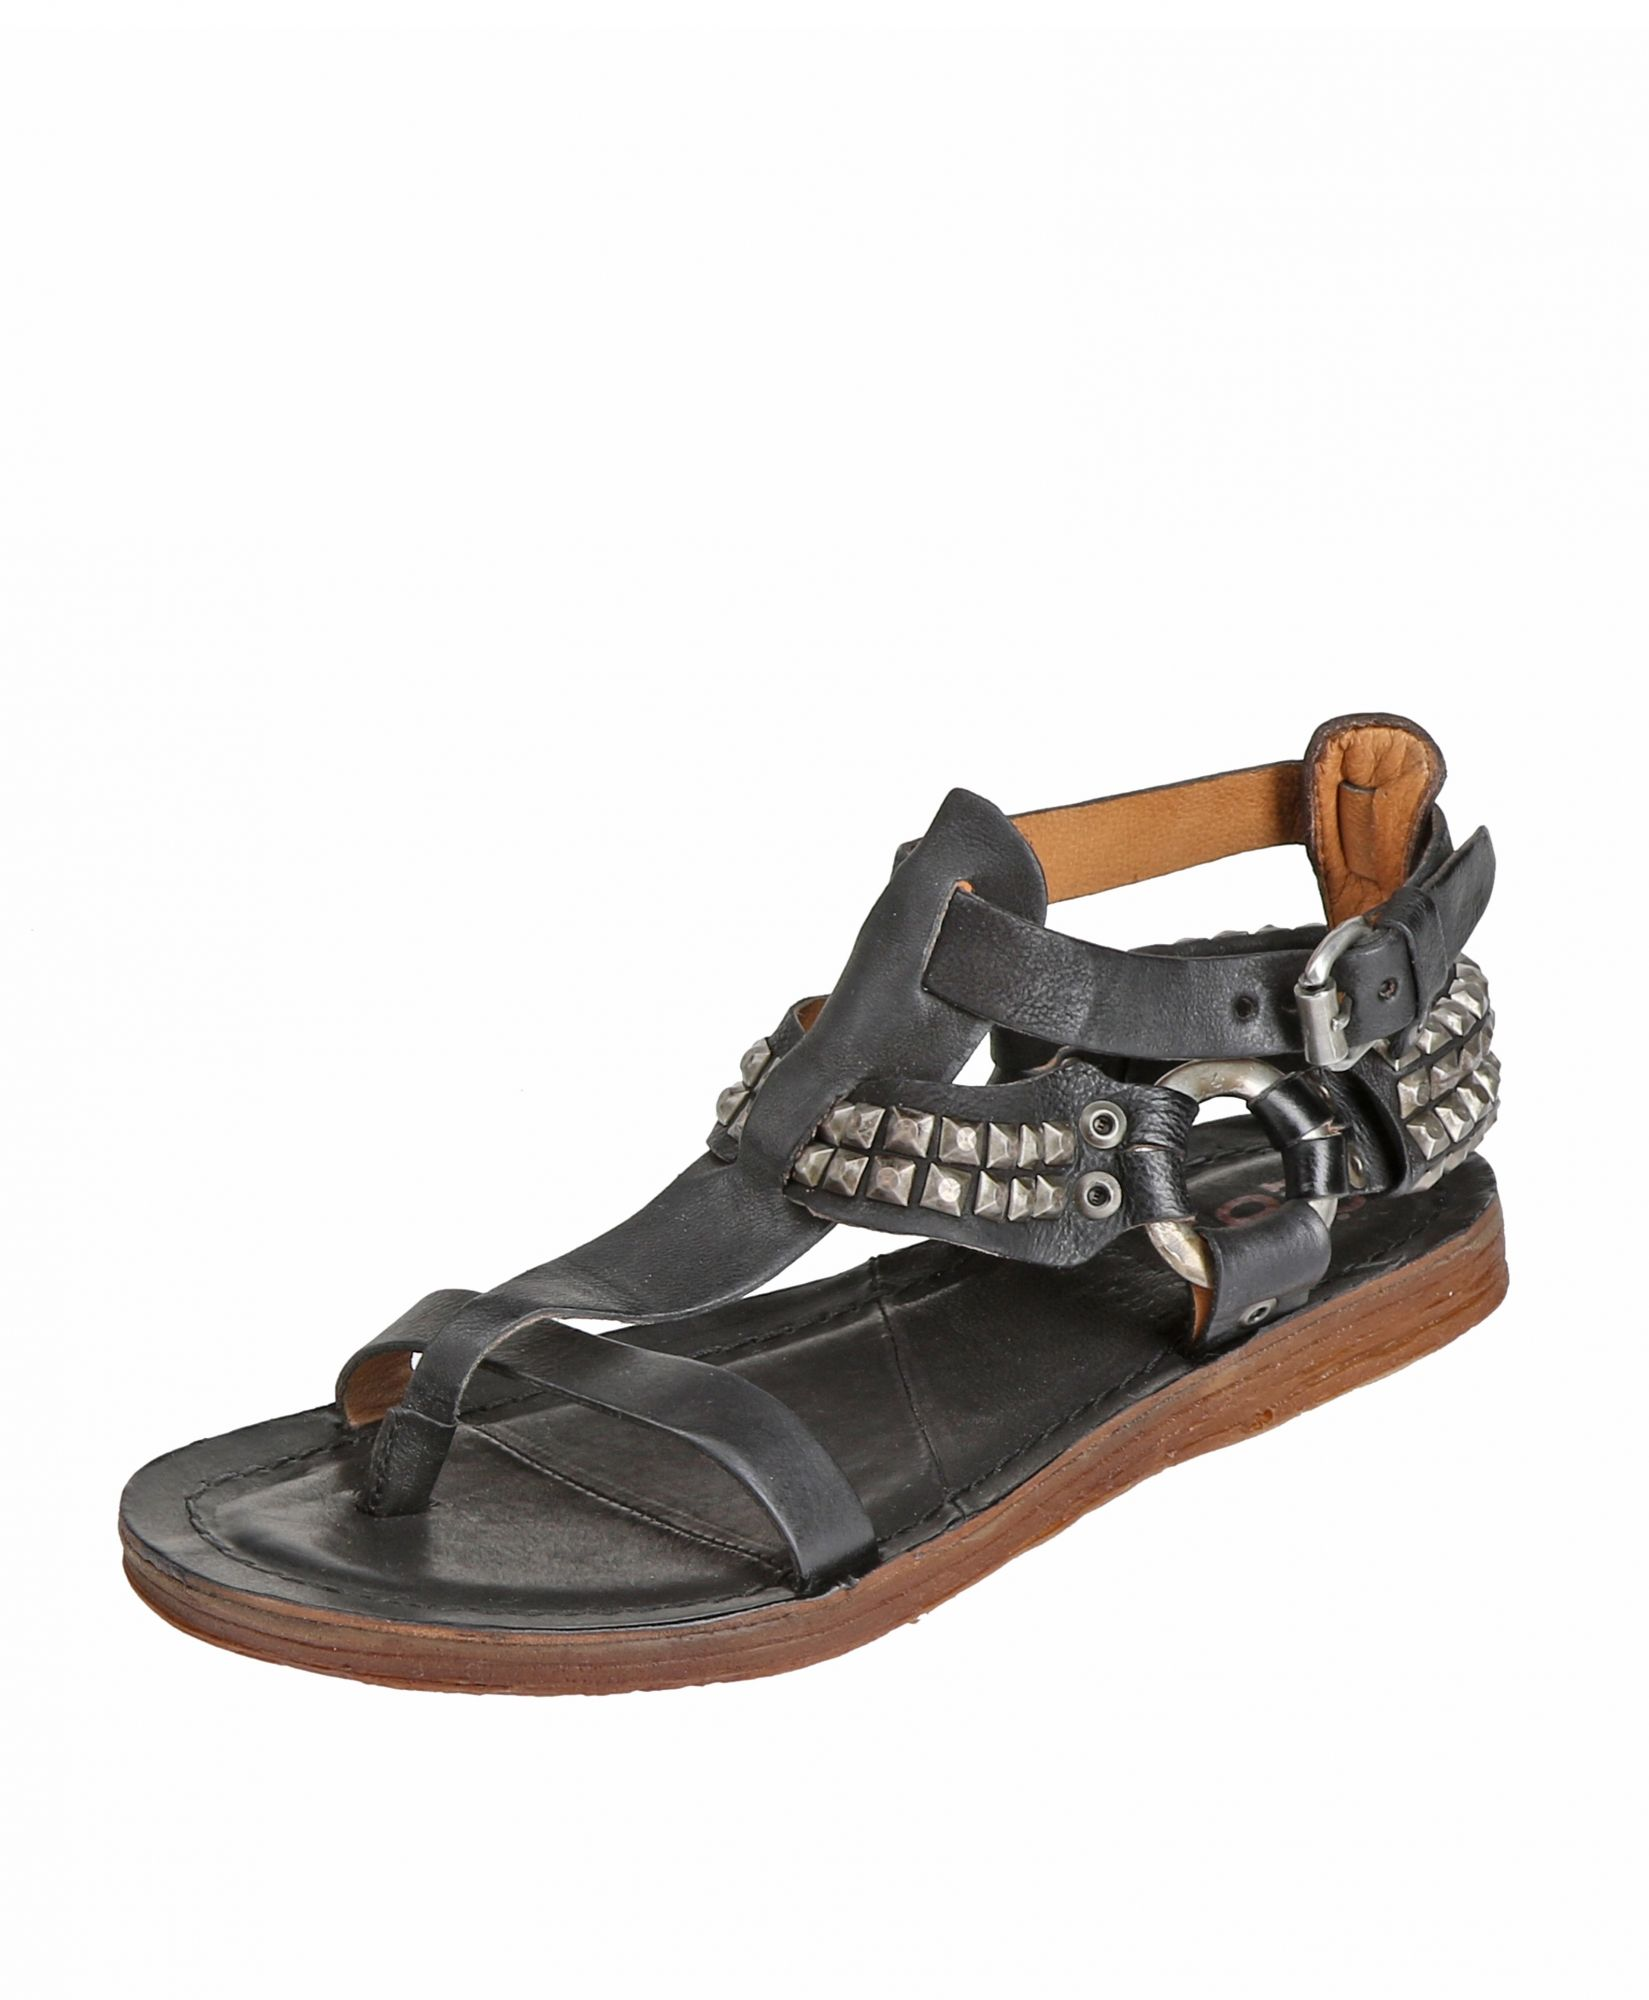 Women sandal 534035 in 2020   Zehentrenner sandalen, Frauen